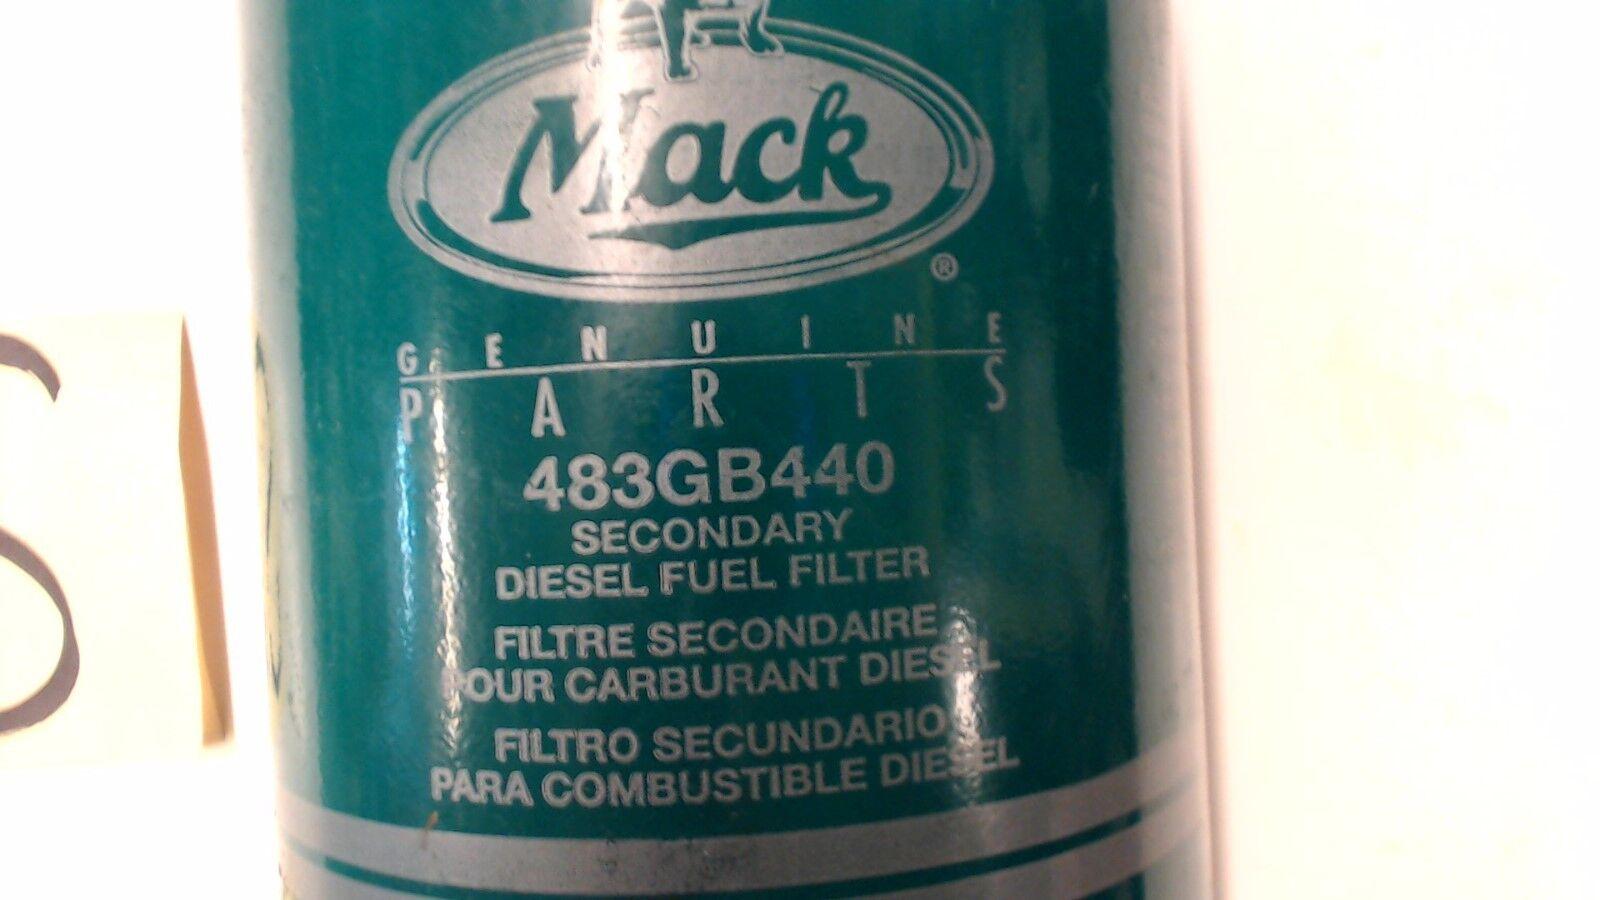 WRG-6273] Mack Truck Fuel Filter on mack suspension, mack rear end diagram, mack hvac diagram, mack motor diagram, mack pump diagram, mack engine diagram, mack steering diagram, mack transmission diagram, mack parts diagram, mack relay diagram, mack fuel system diagram, mack fuse diagram,